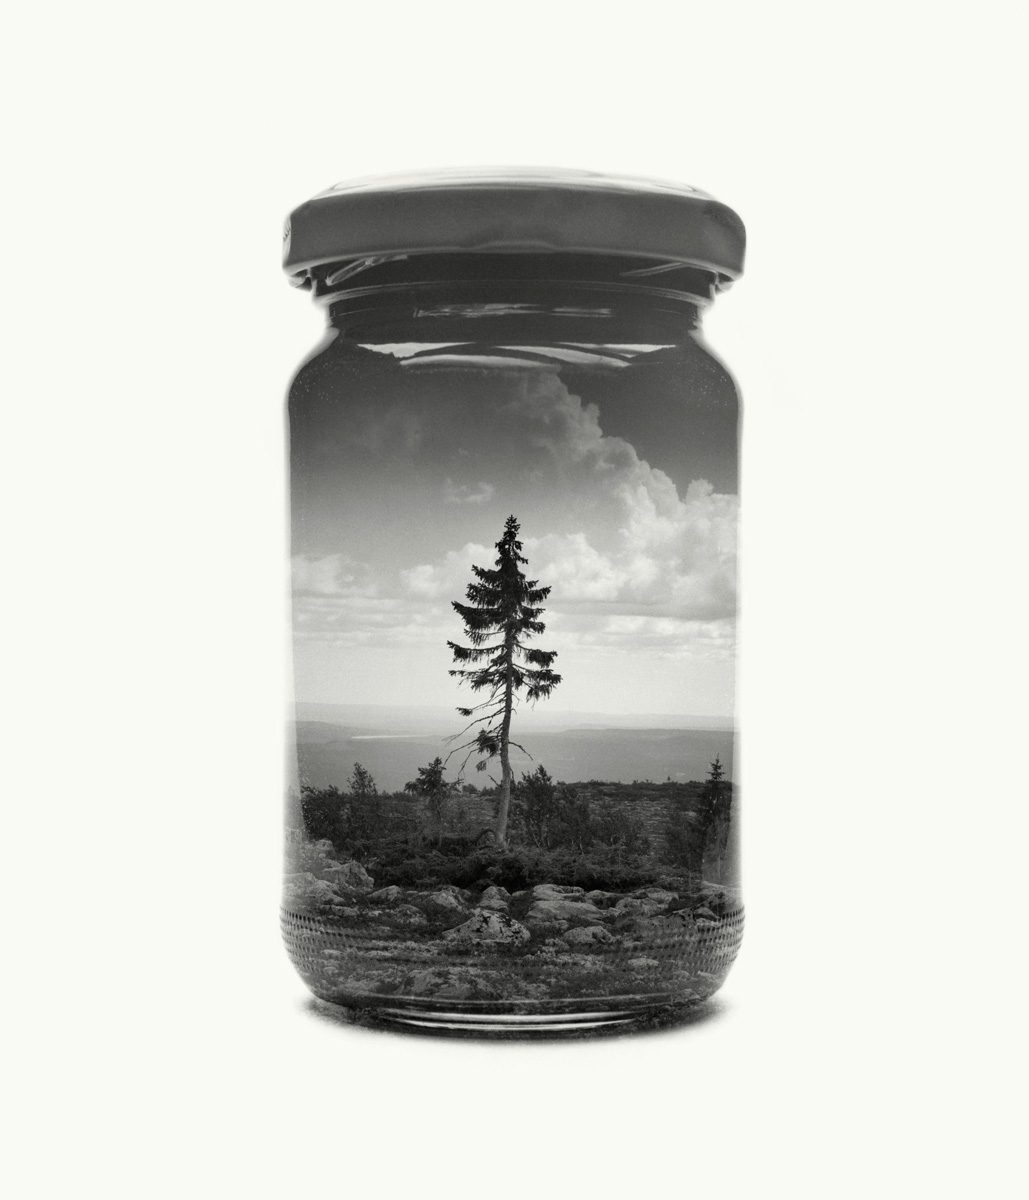 paysage-finlande-bocal-01